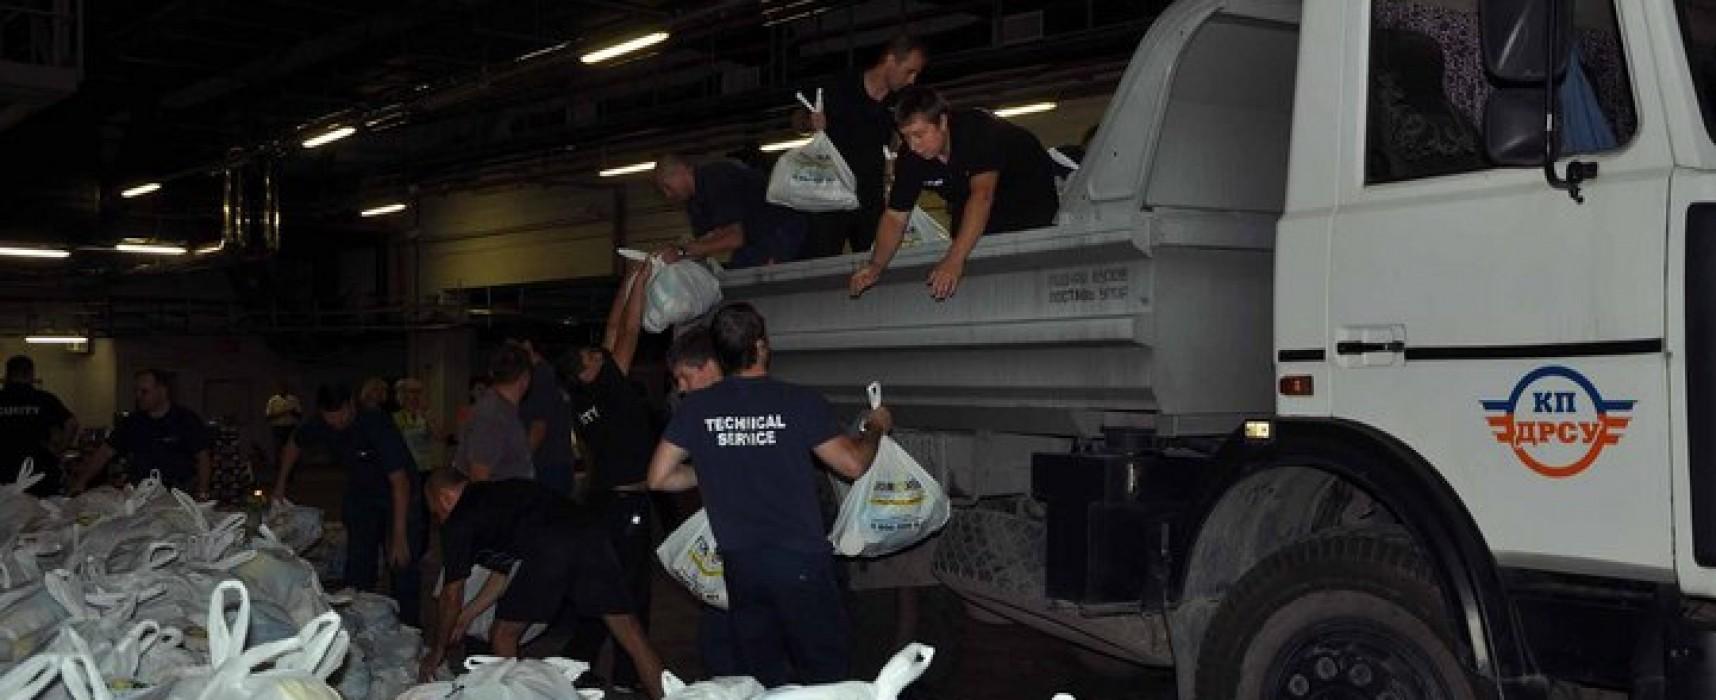 Фейк НТВ о гуманитарной помощи на стадионе «Донбасс Арена»